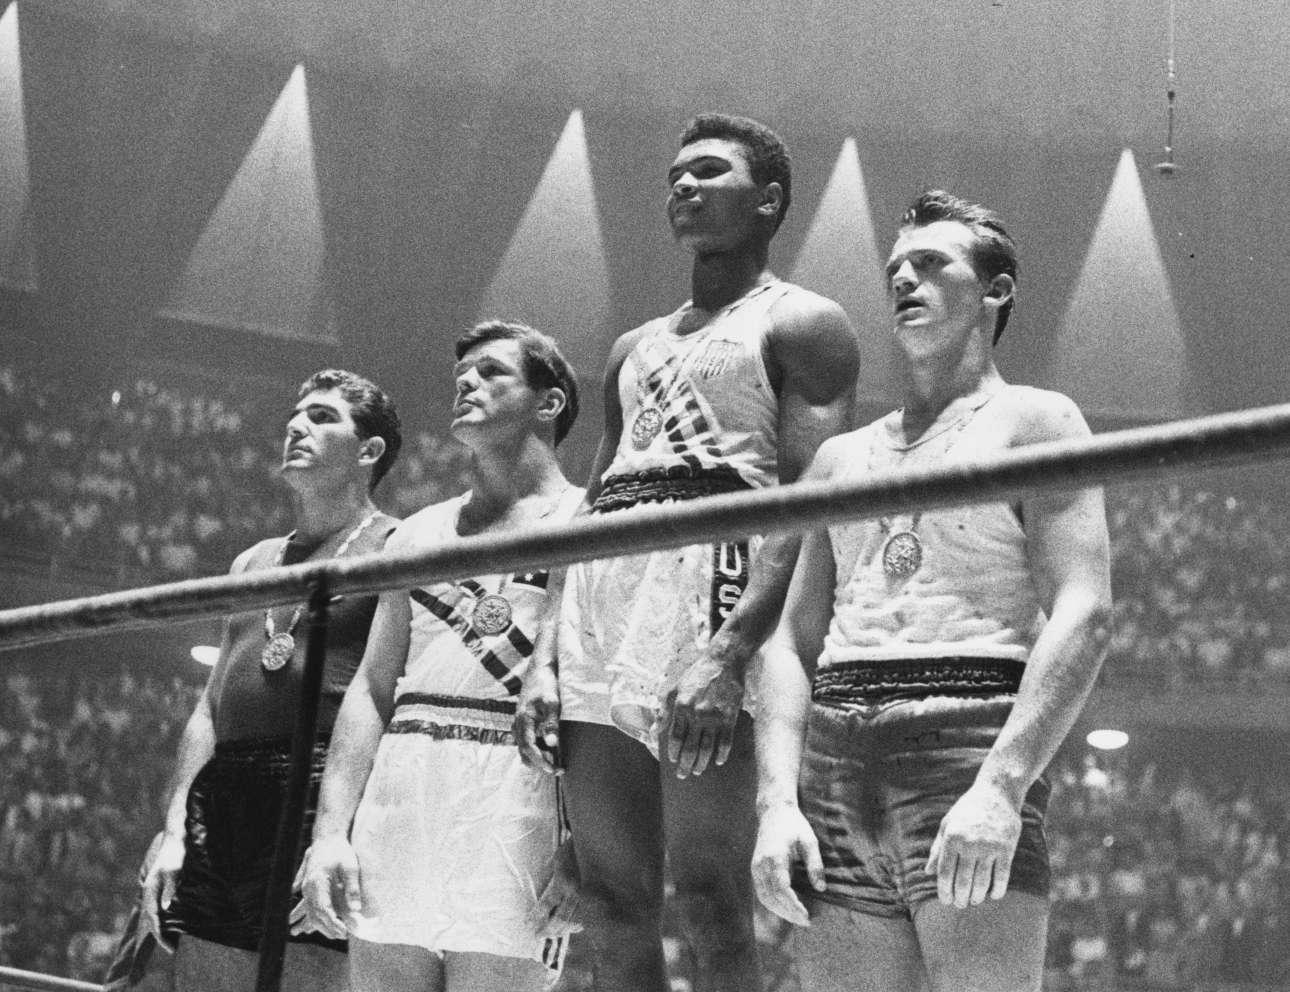 Οταν άρχισαν όλα. Ολυμπιακοί Αγώνες της Ρώμης, Σεπτέμβριος 1960. Ο 18χρονος ερασιτέχνης πυγμάχος Κάσιους Κλέι, χρυσός ολυμπιονίκης στην κατηγορία των βαρέων.